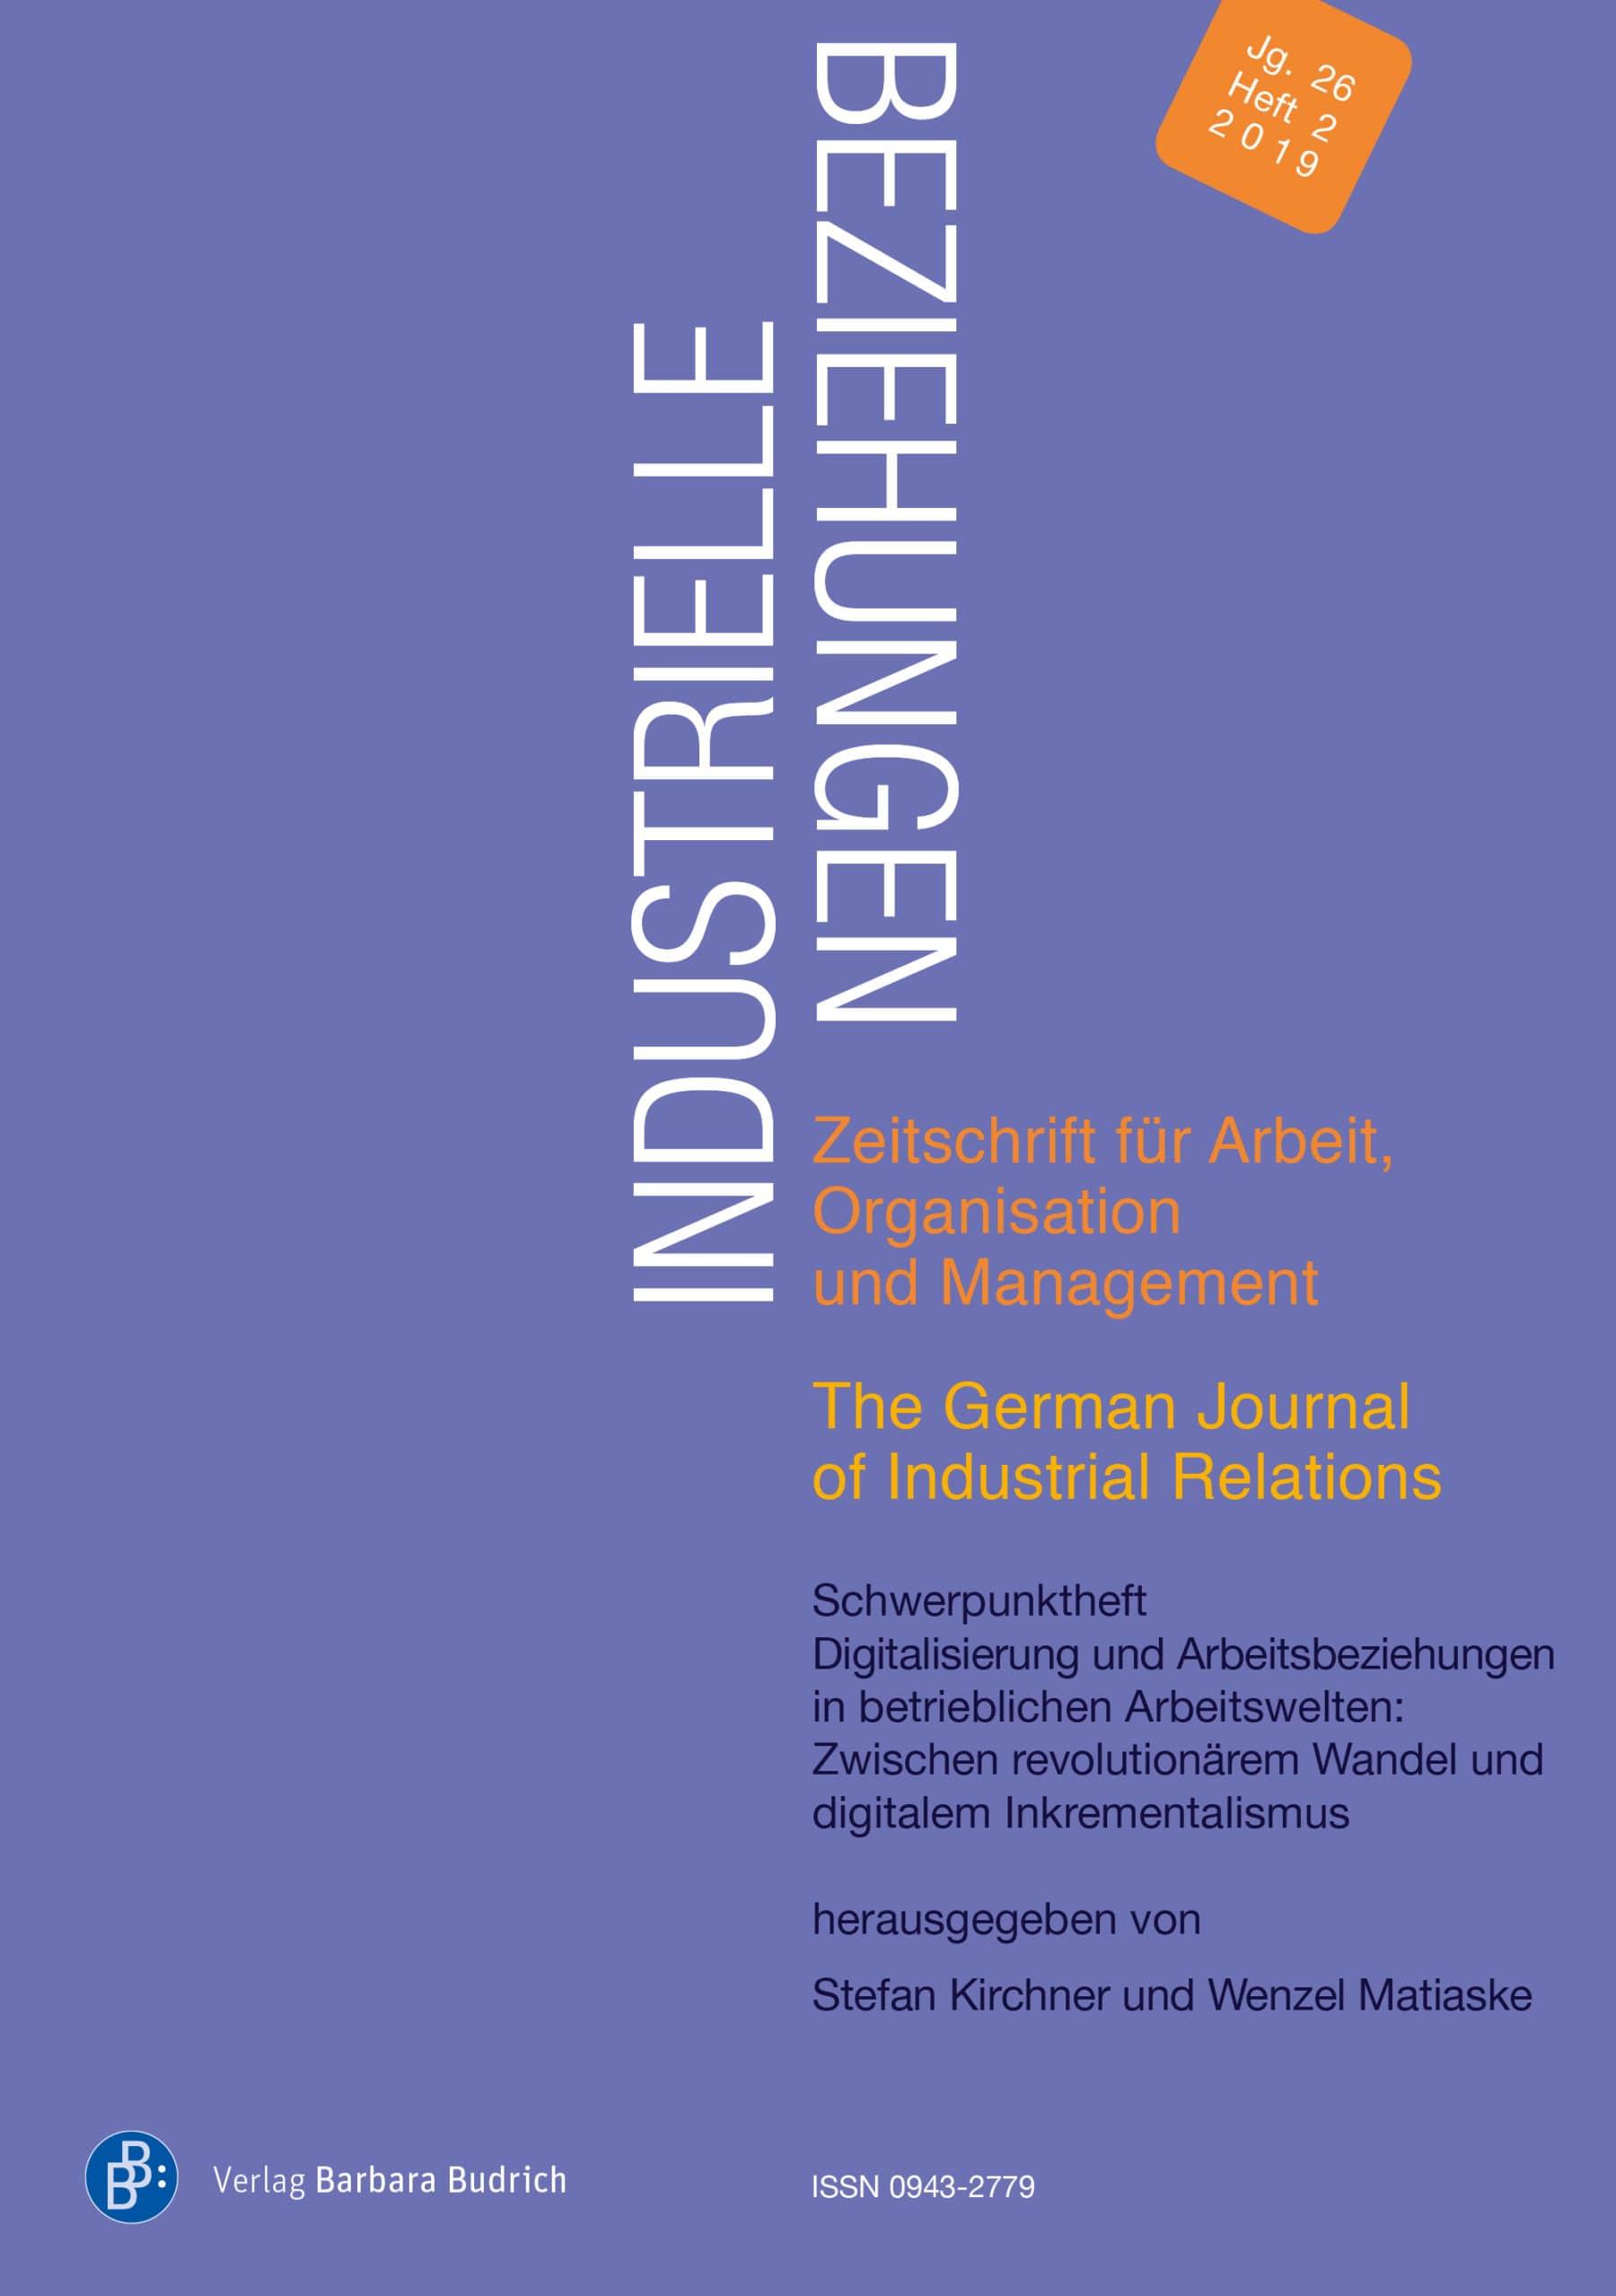 Industrielle Beziehungen 2-2019 | Digitalisierung und Arbeitsbeziehungen in betrieblichen Arbeitswelten: Zwischen revolutionärem Wandel und digitalem Inkrementalismus